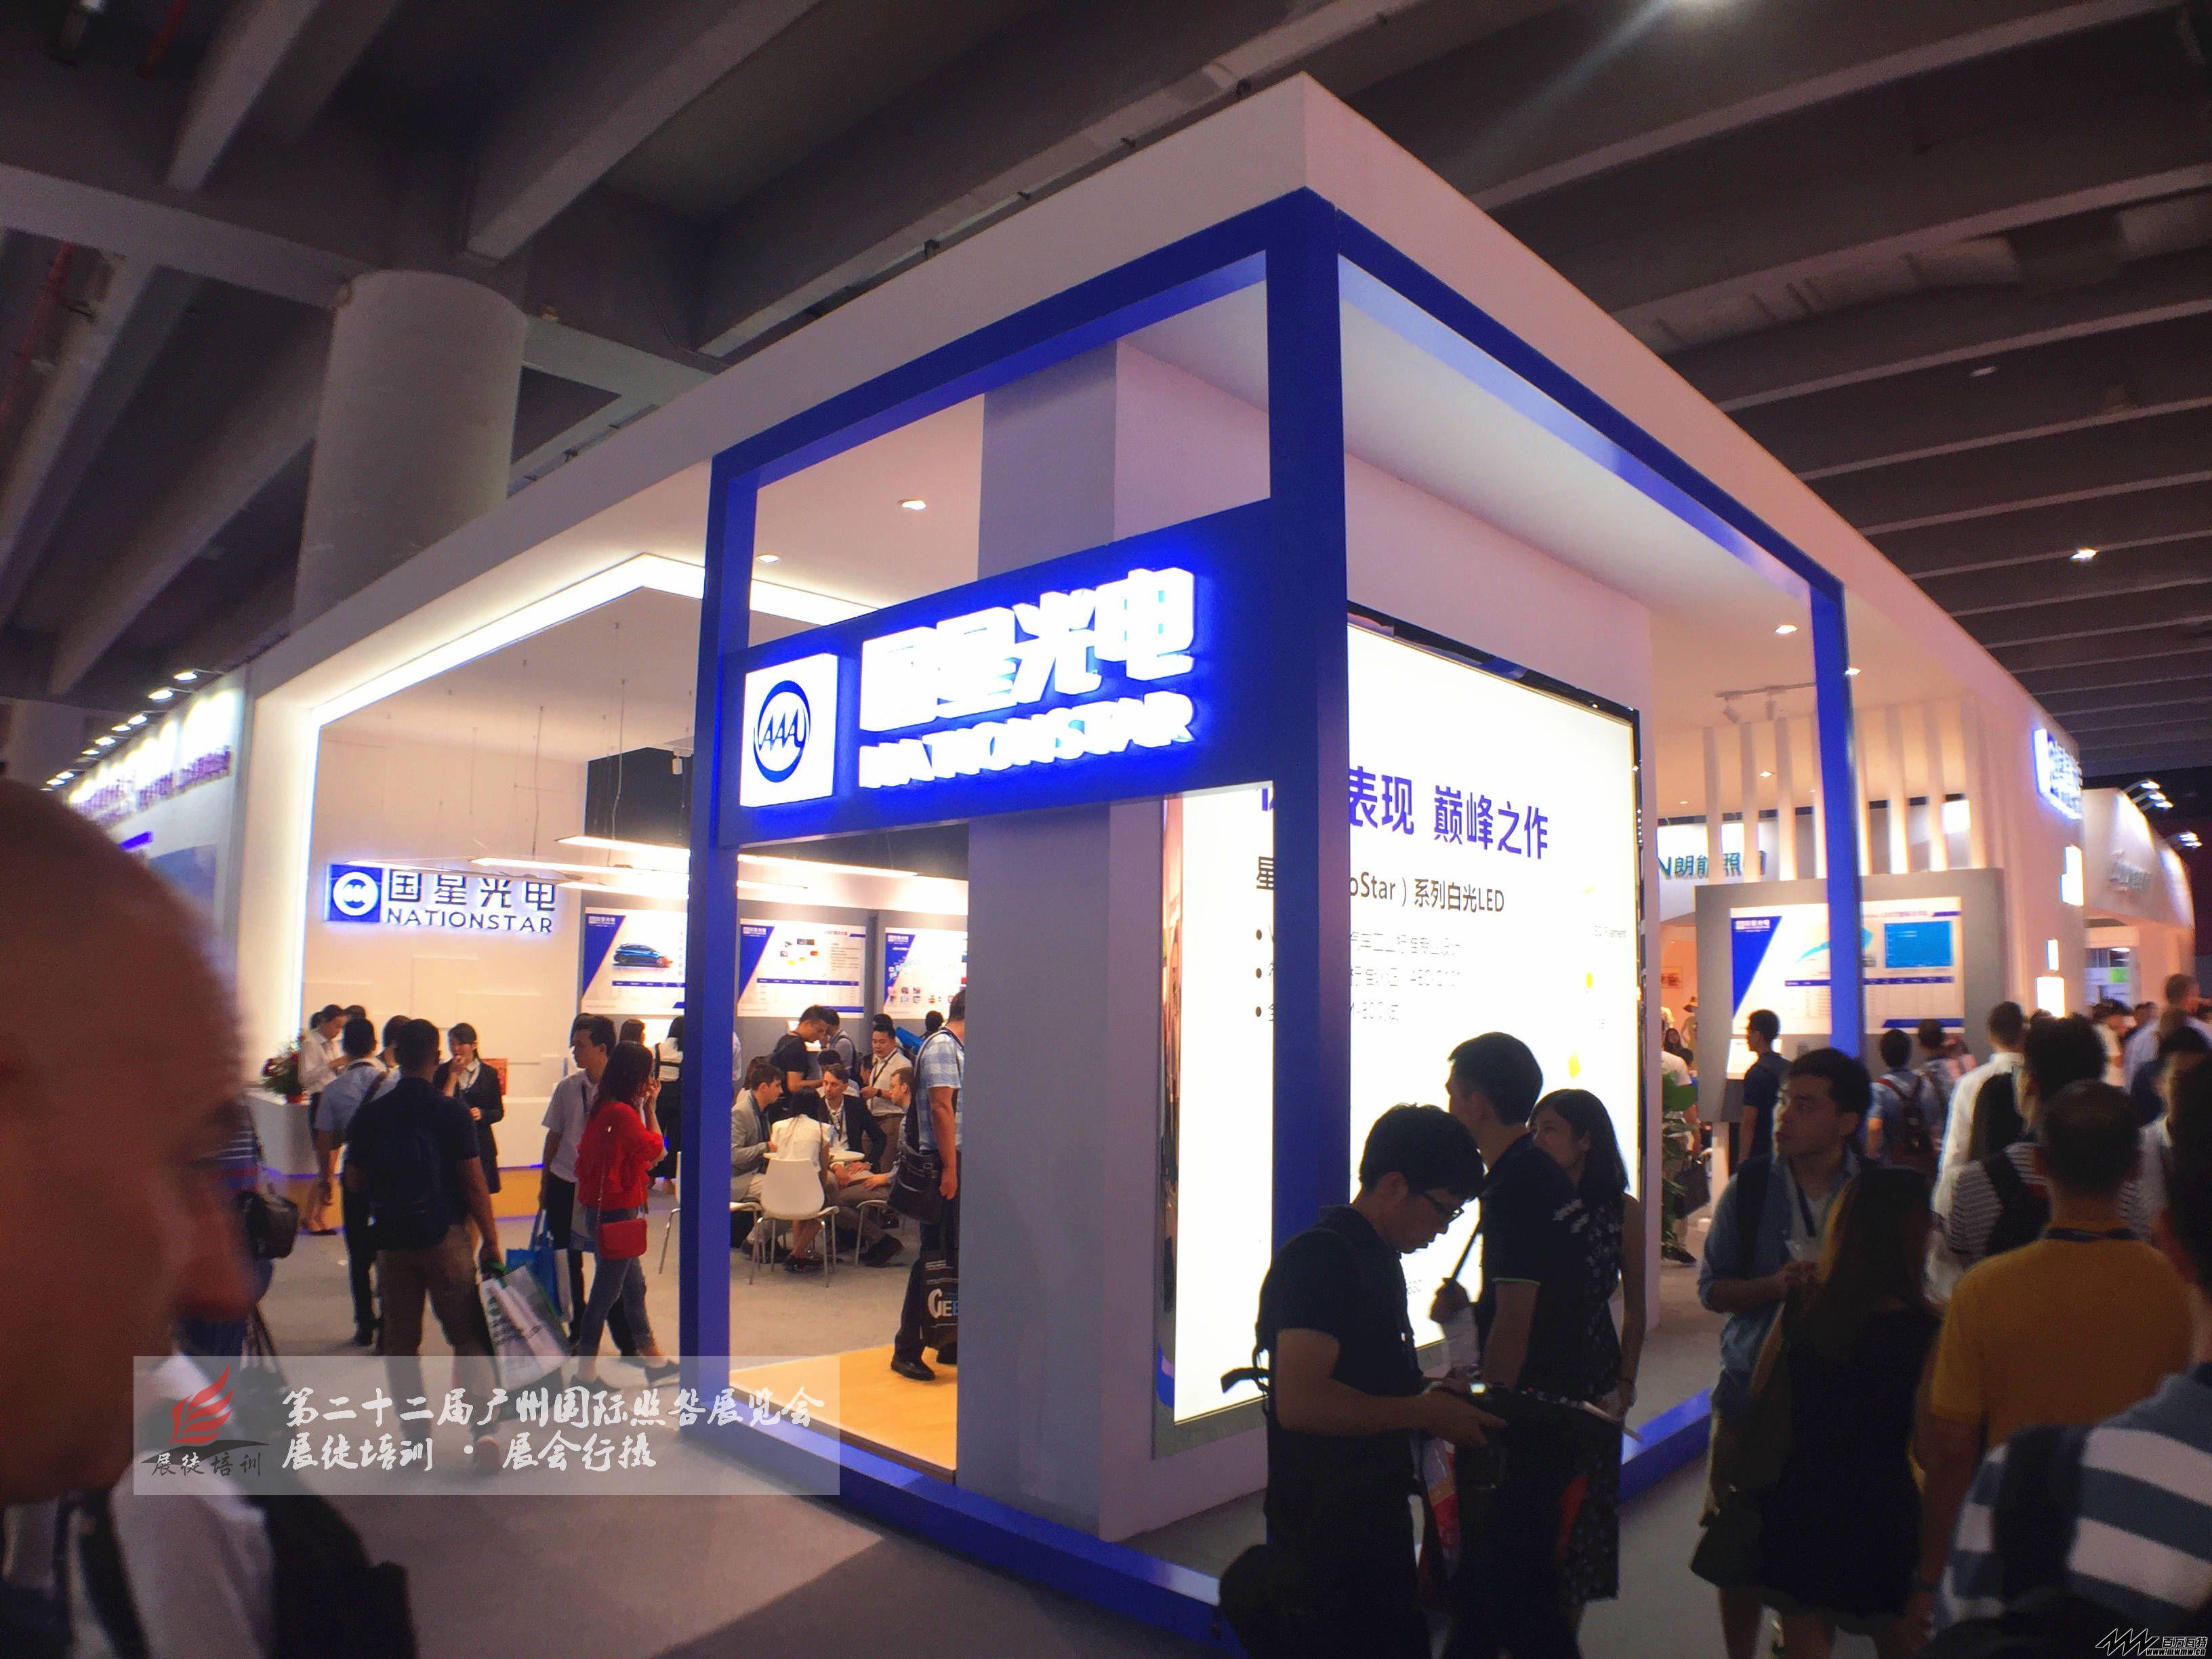 第二十二届广州国际照明展览会-展徒培训·展会行摄 (45).jpg